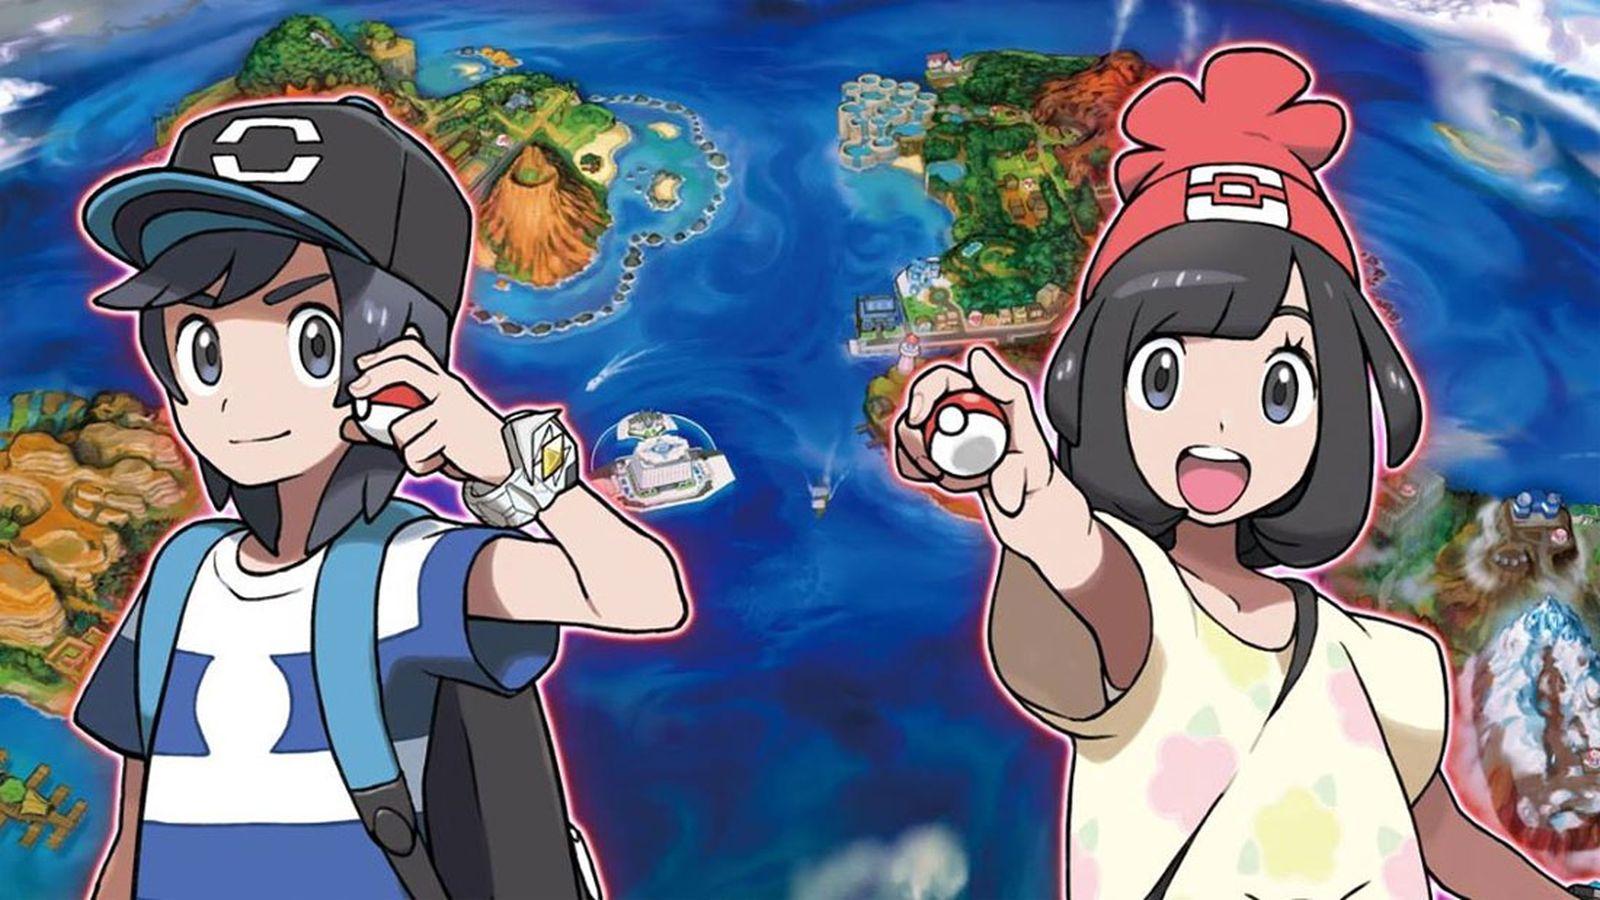 Bildresultat för pokémon moon